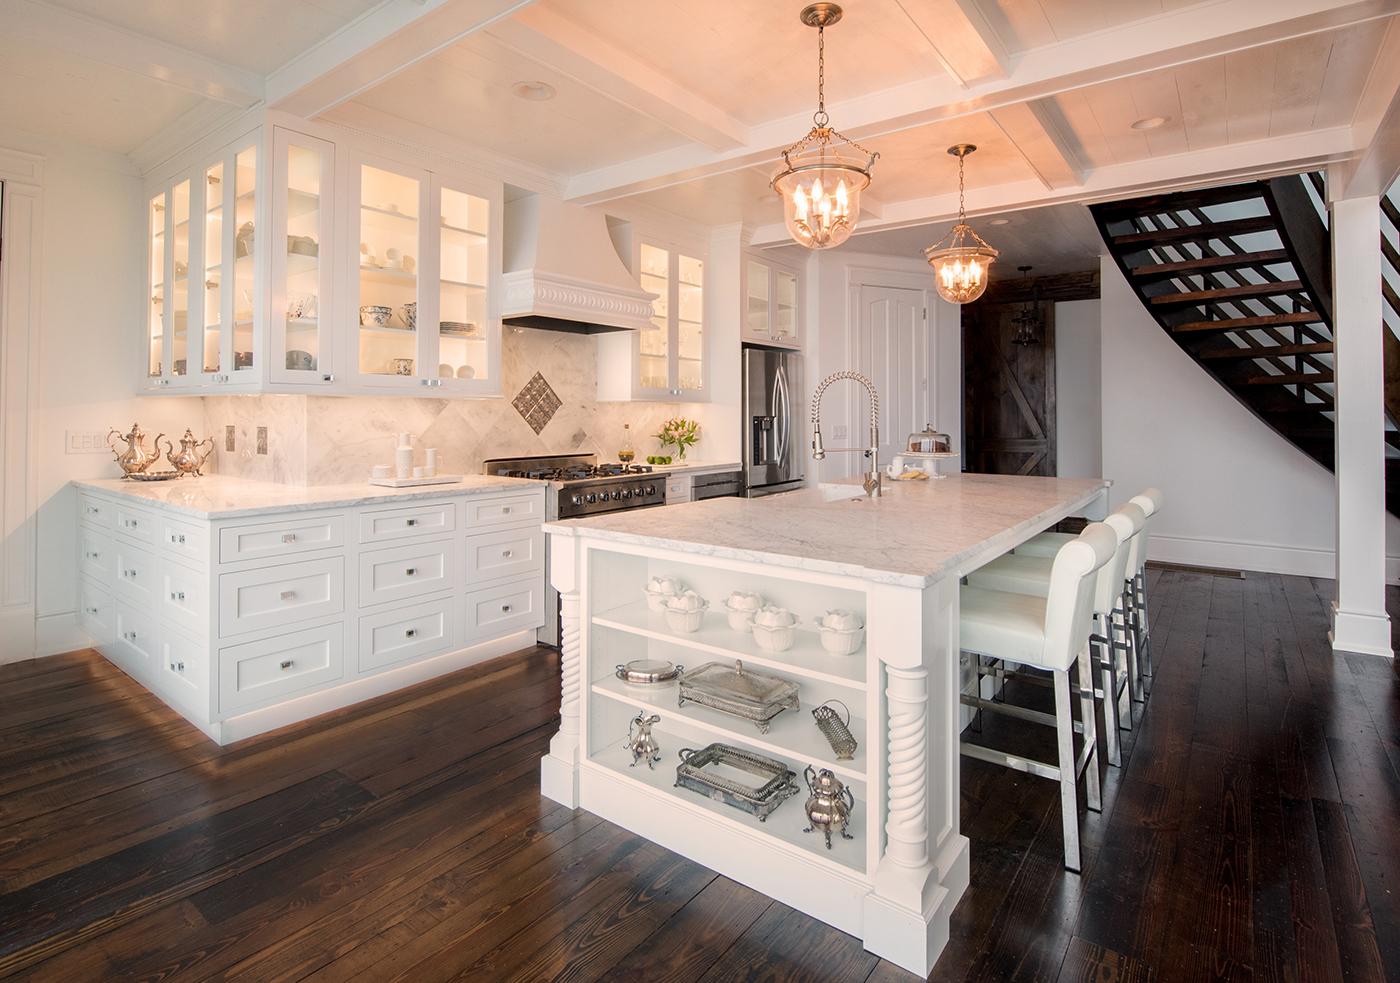 03-DKB-kitchen.jpg